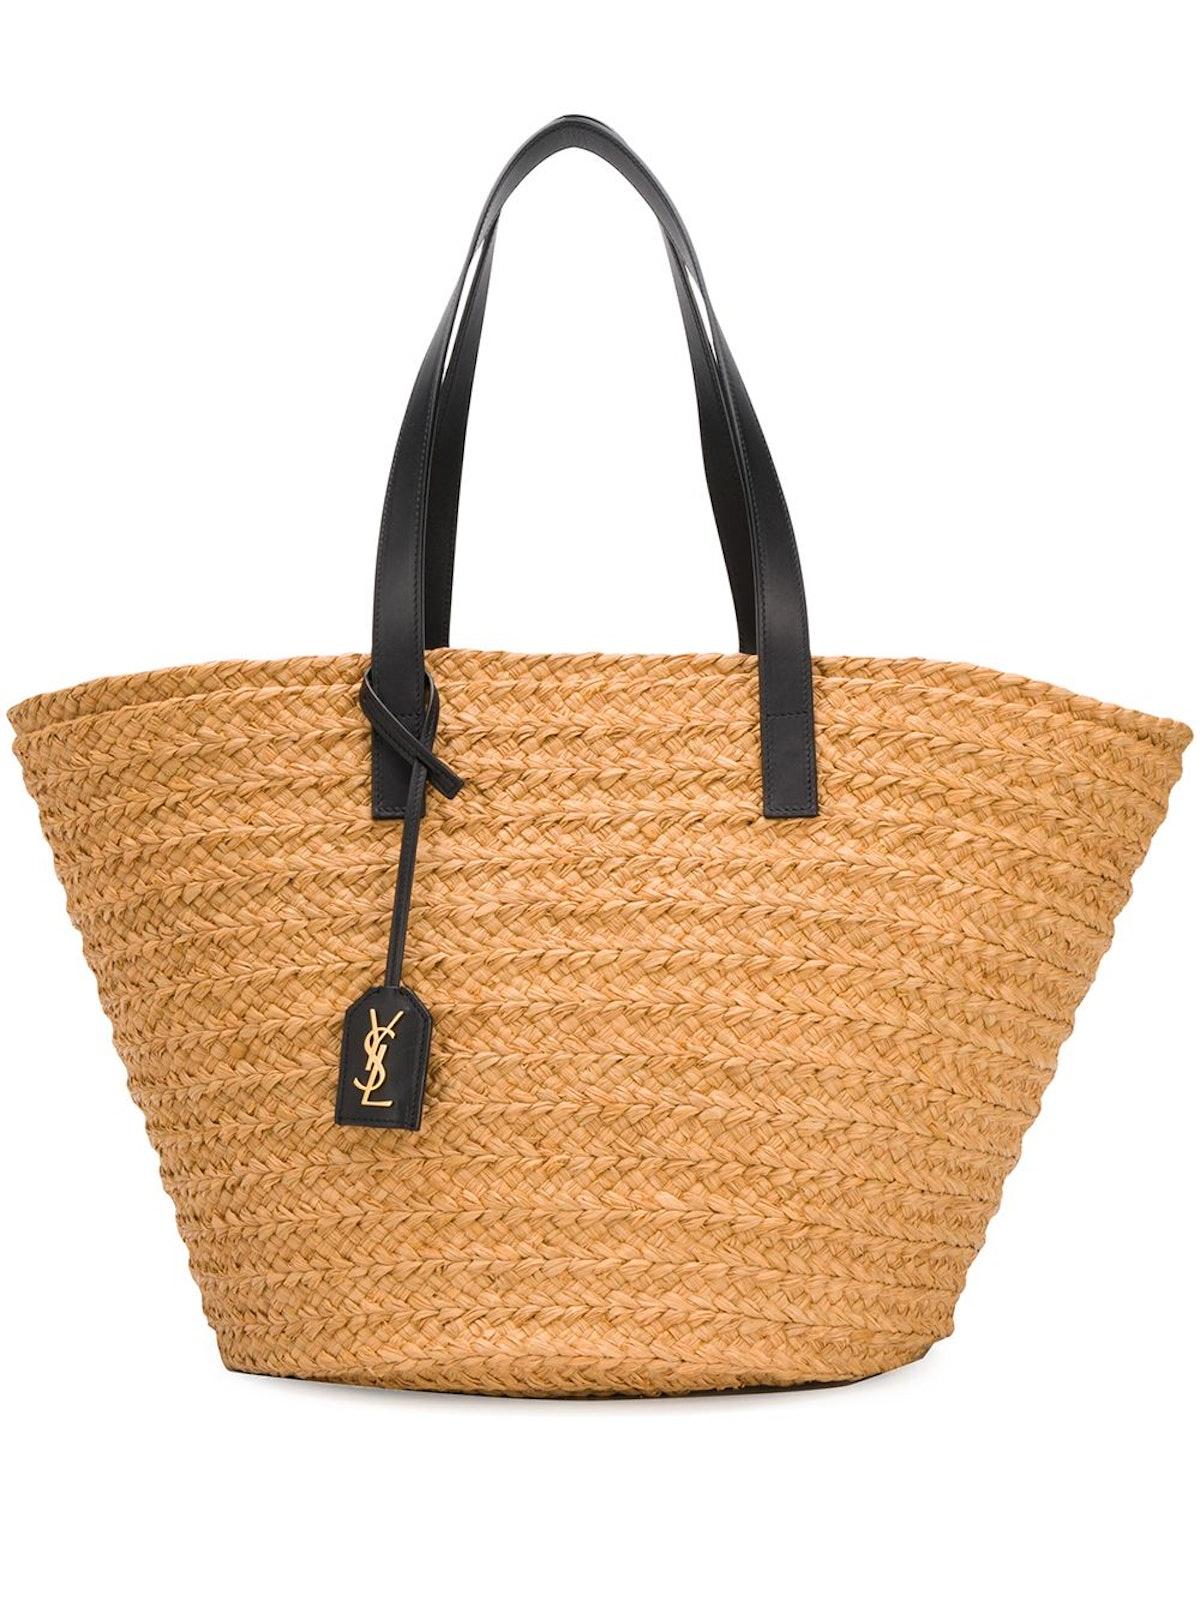 Medium Panier Tote Bag